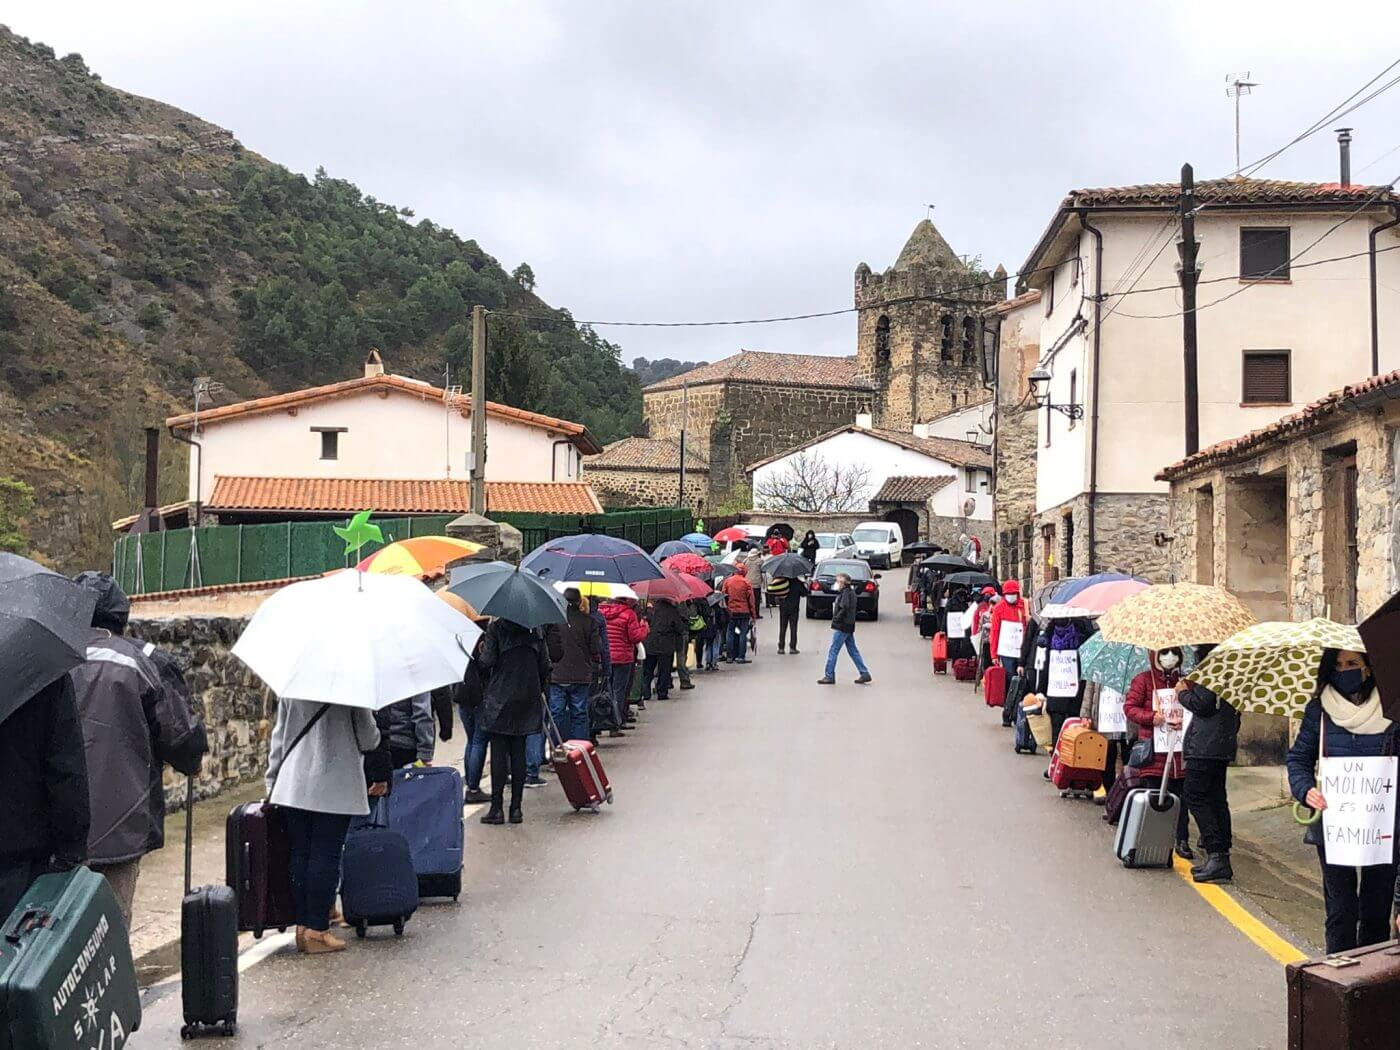 Unos 300 vecinos secundan el acto convocado este 11 de abril por las dos plataformas contra los megaparques eólicos previstos en La Rioja